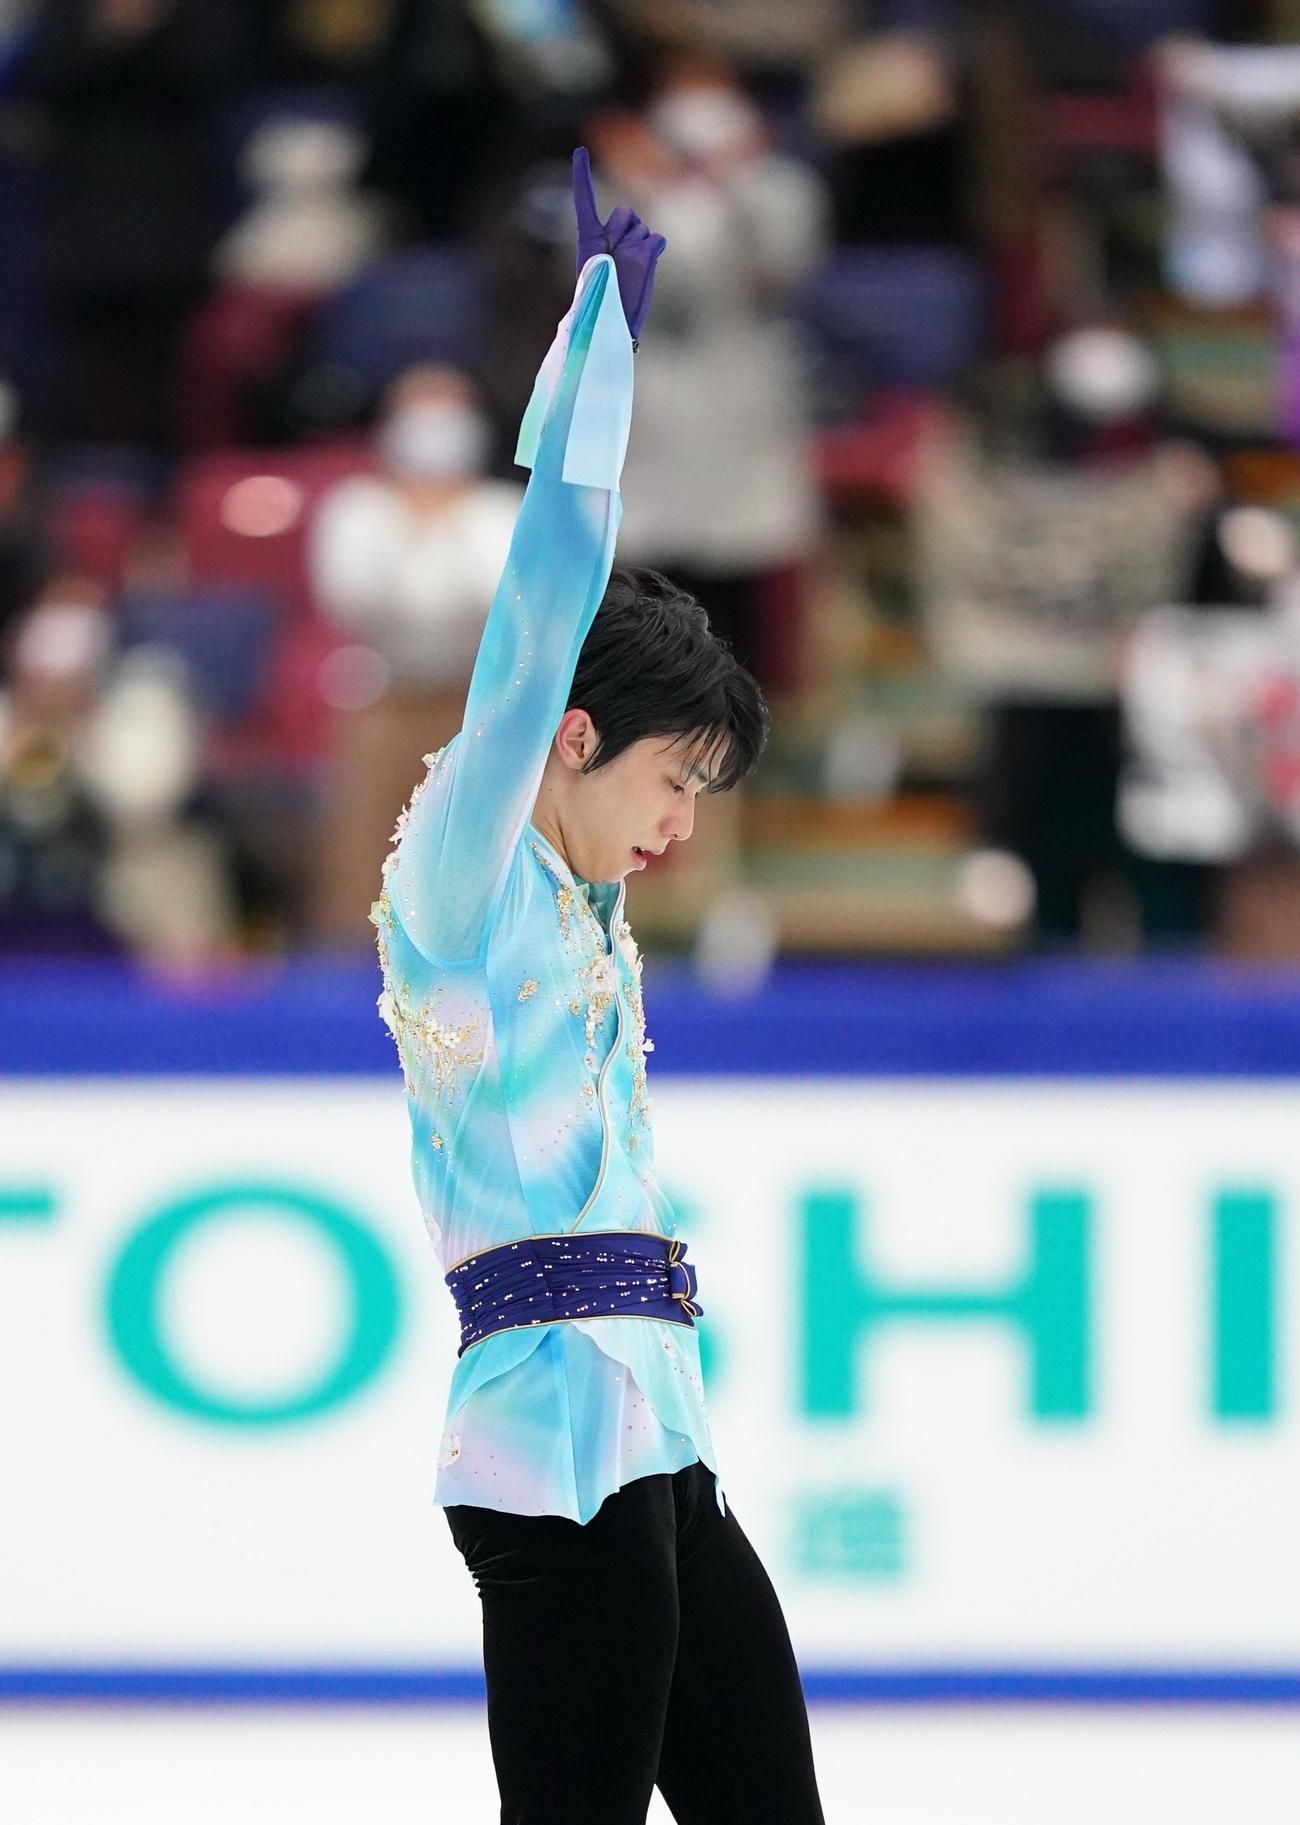 全日本フィギュアスケート選手権 男子フリーの演技を終え、ポーズをとる羽生(代表撮影)